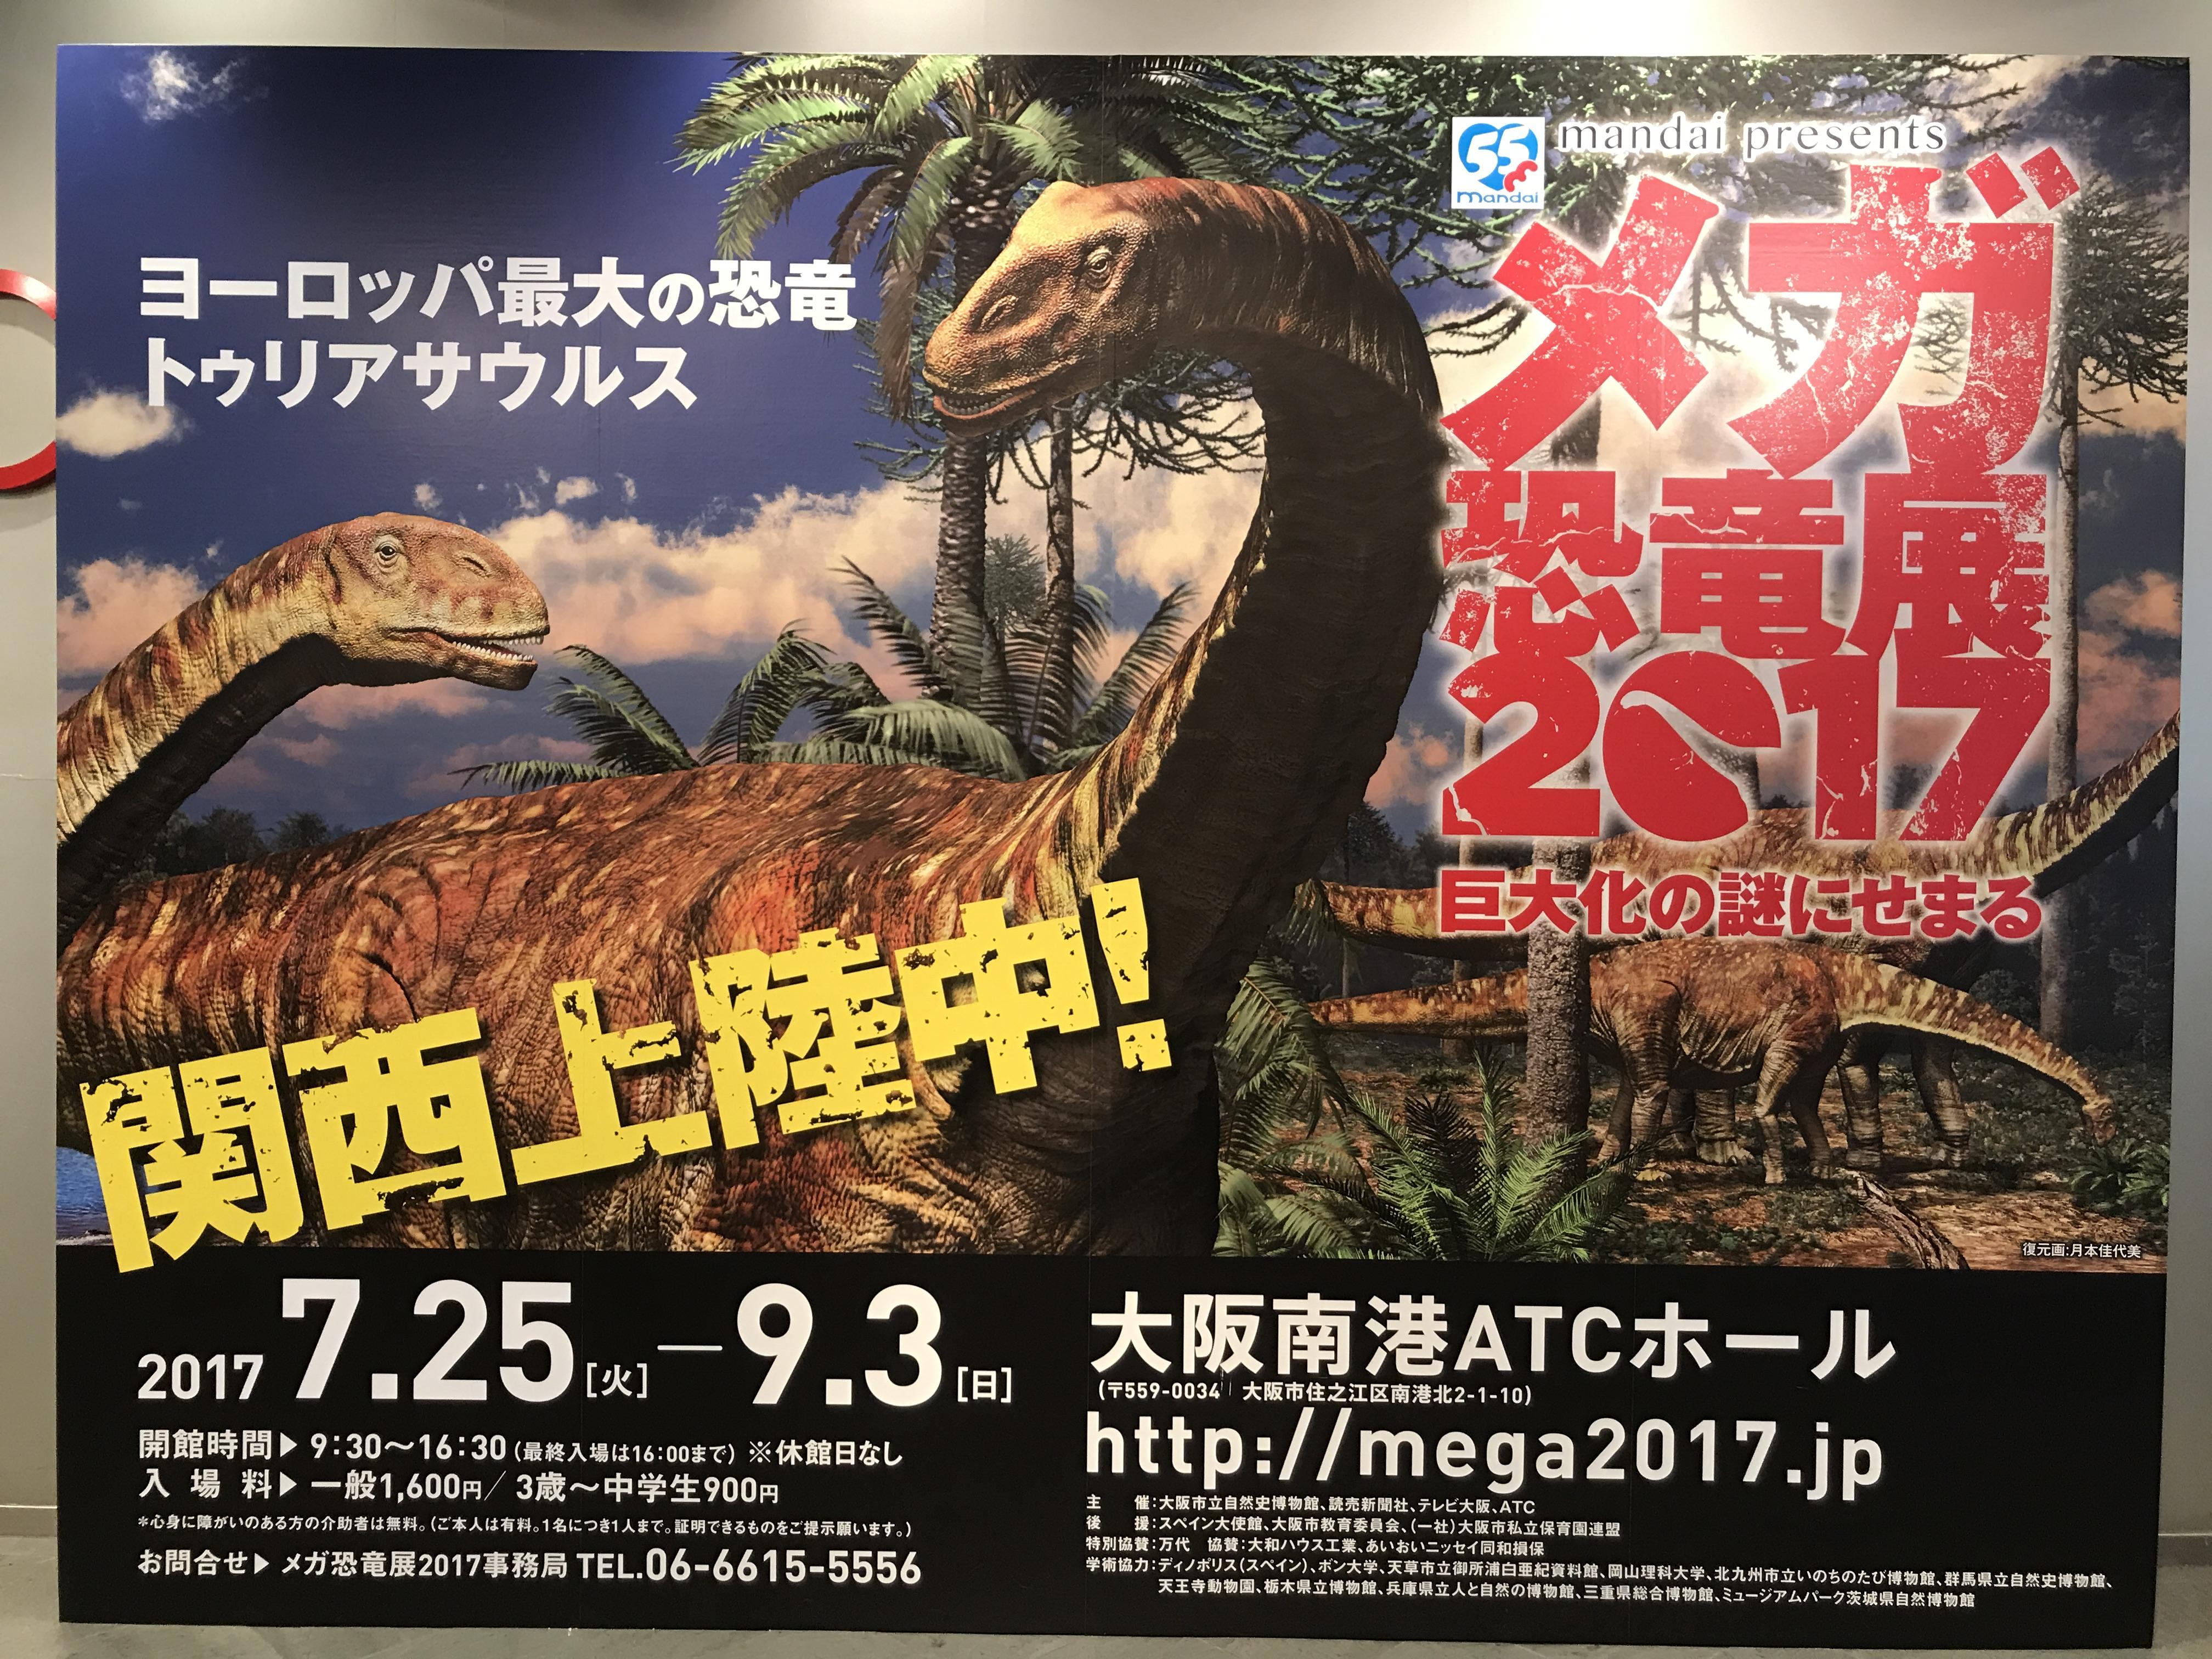 【大阪・遊び場】大阪南港ATCホールメガ恐竜展2017!!トゥリアサウルスの謎にせまる!